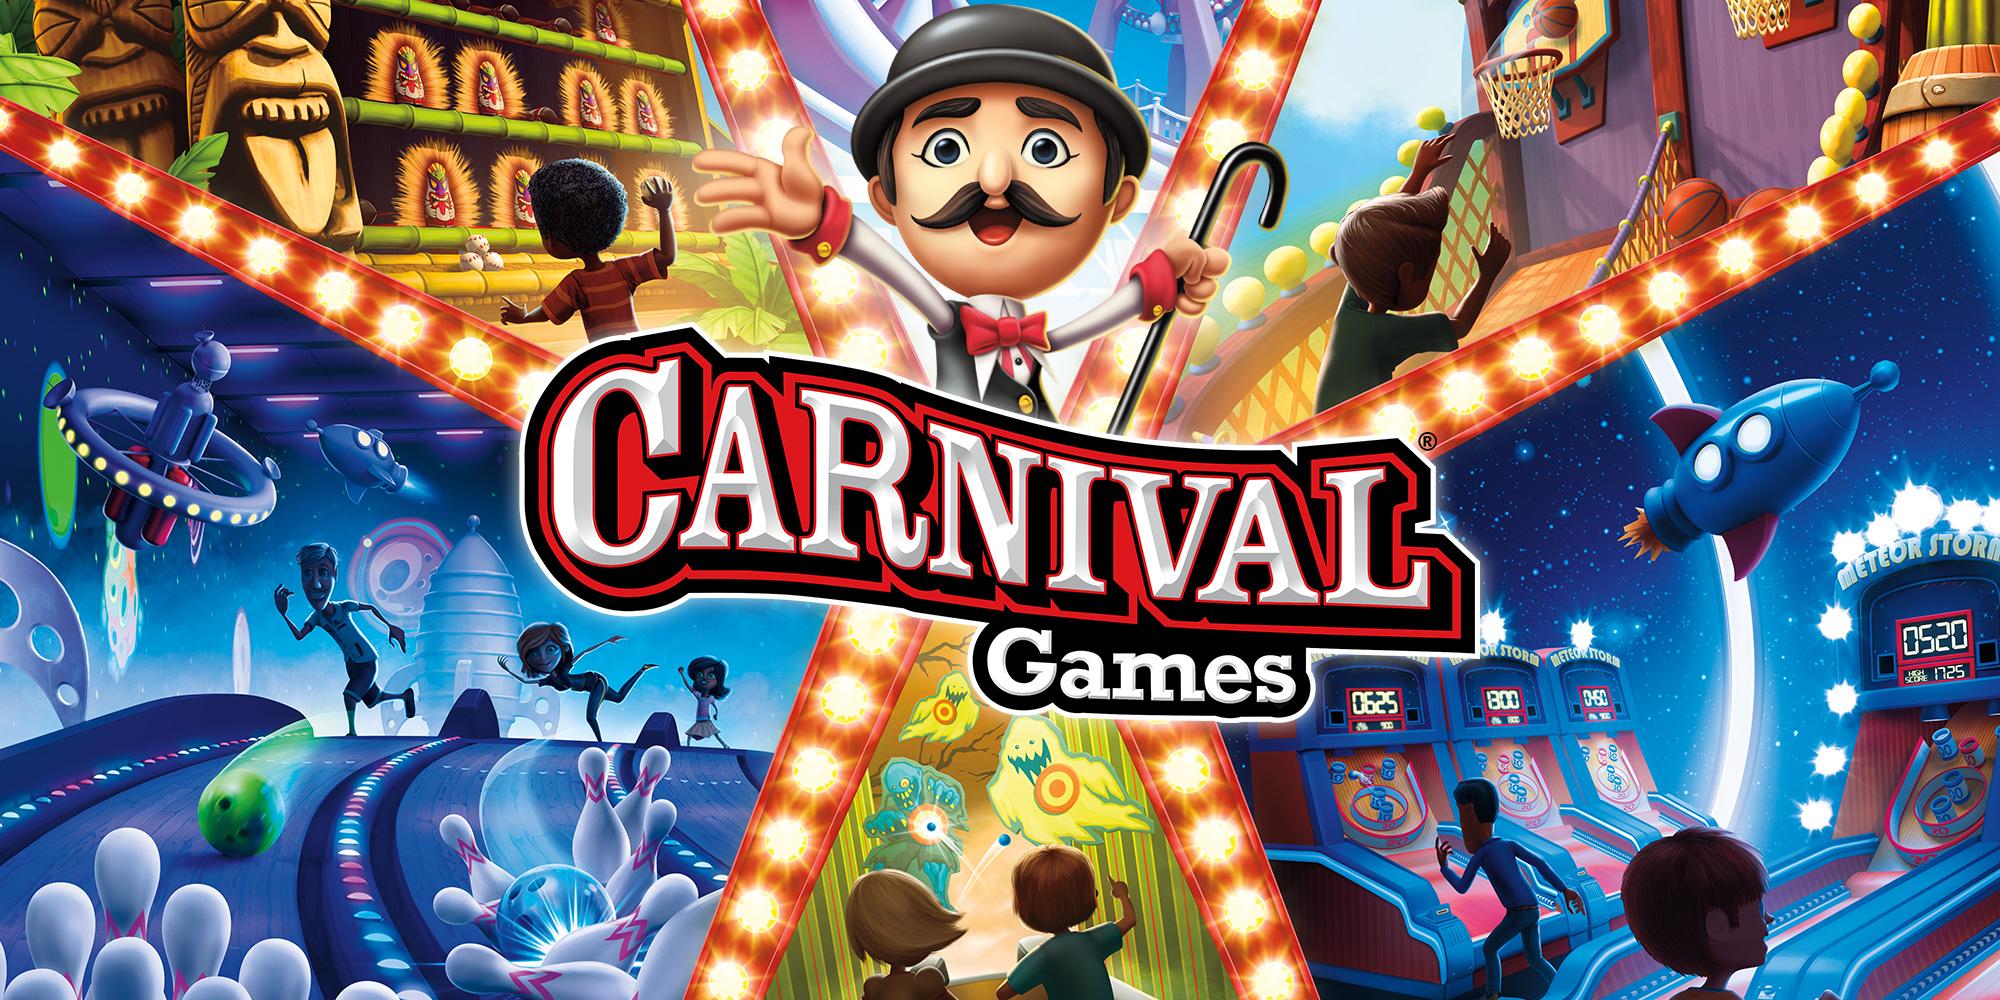 Carnival Games en Epic Games